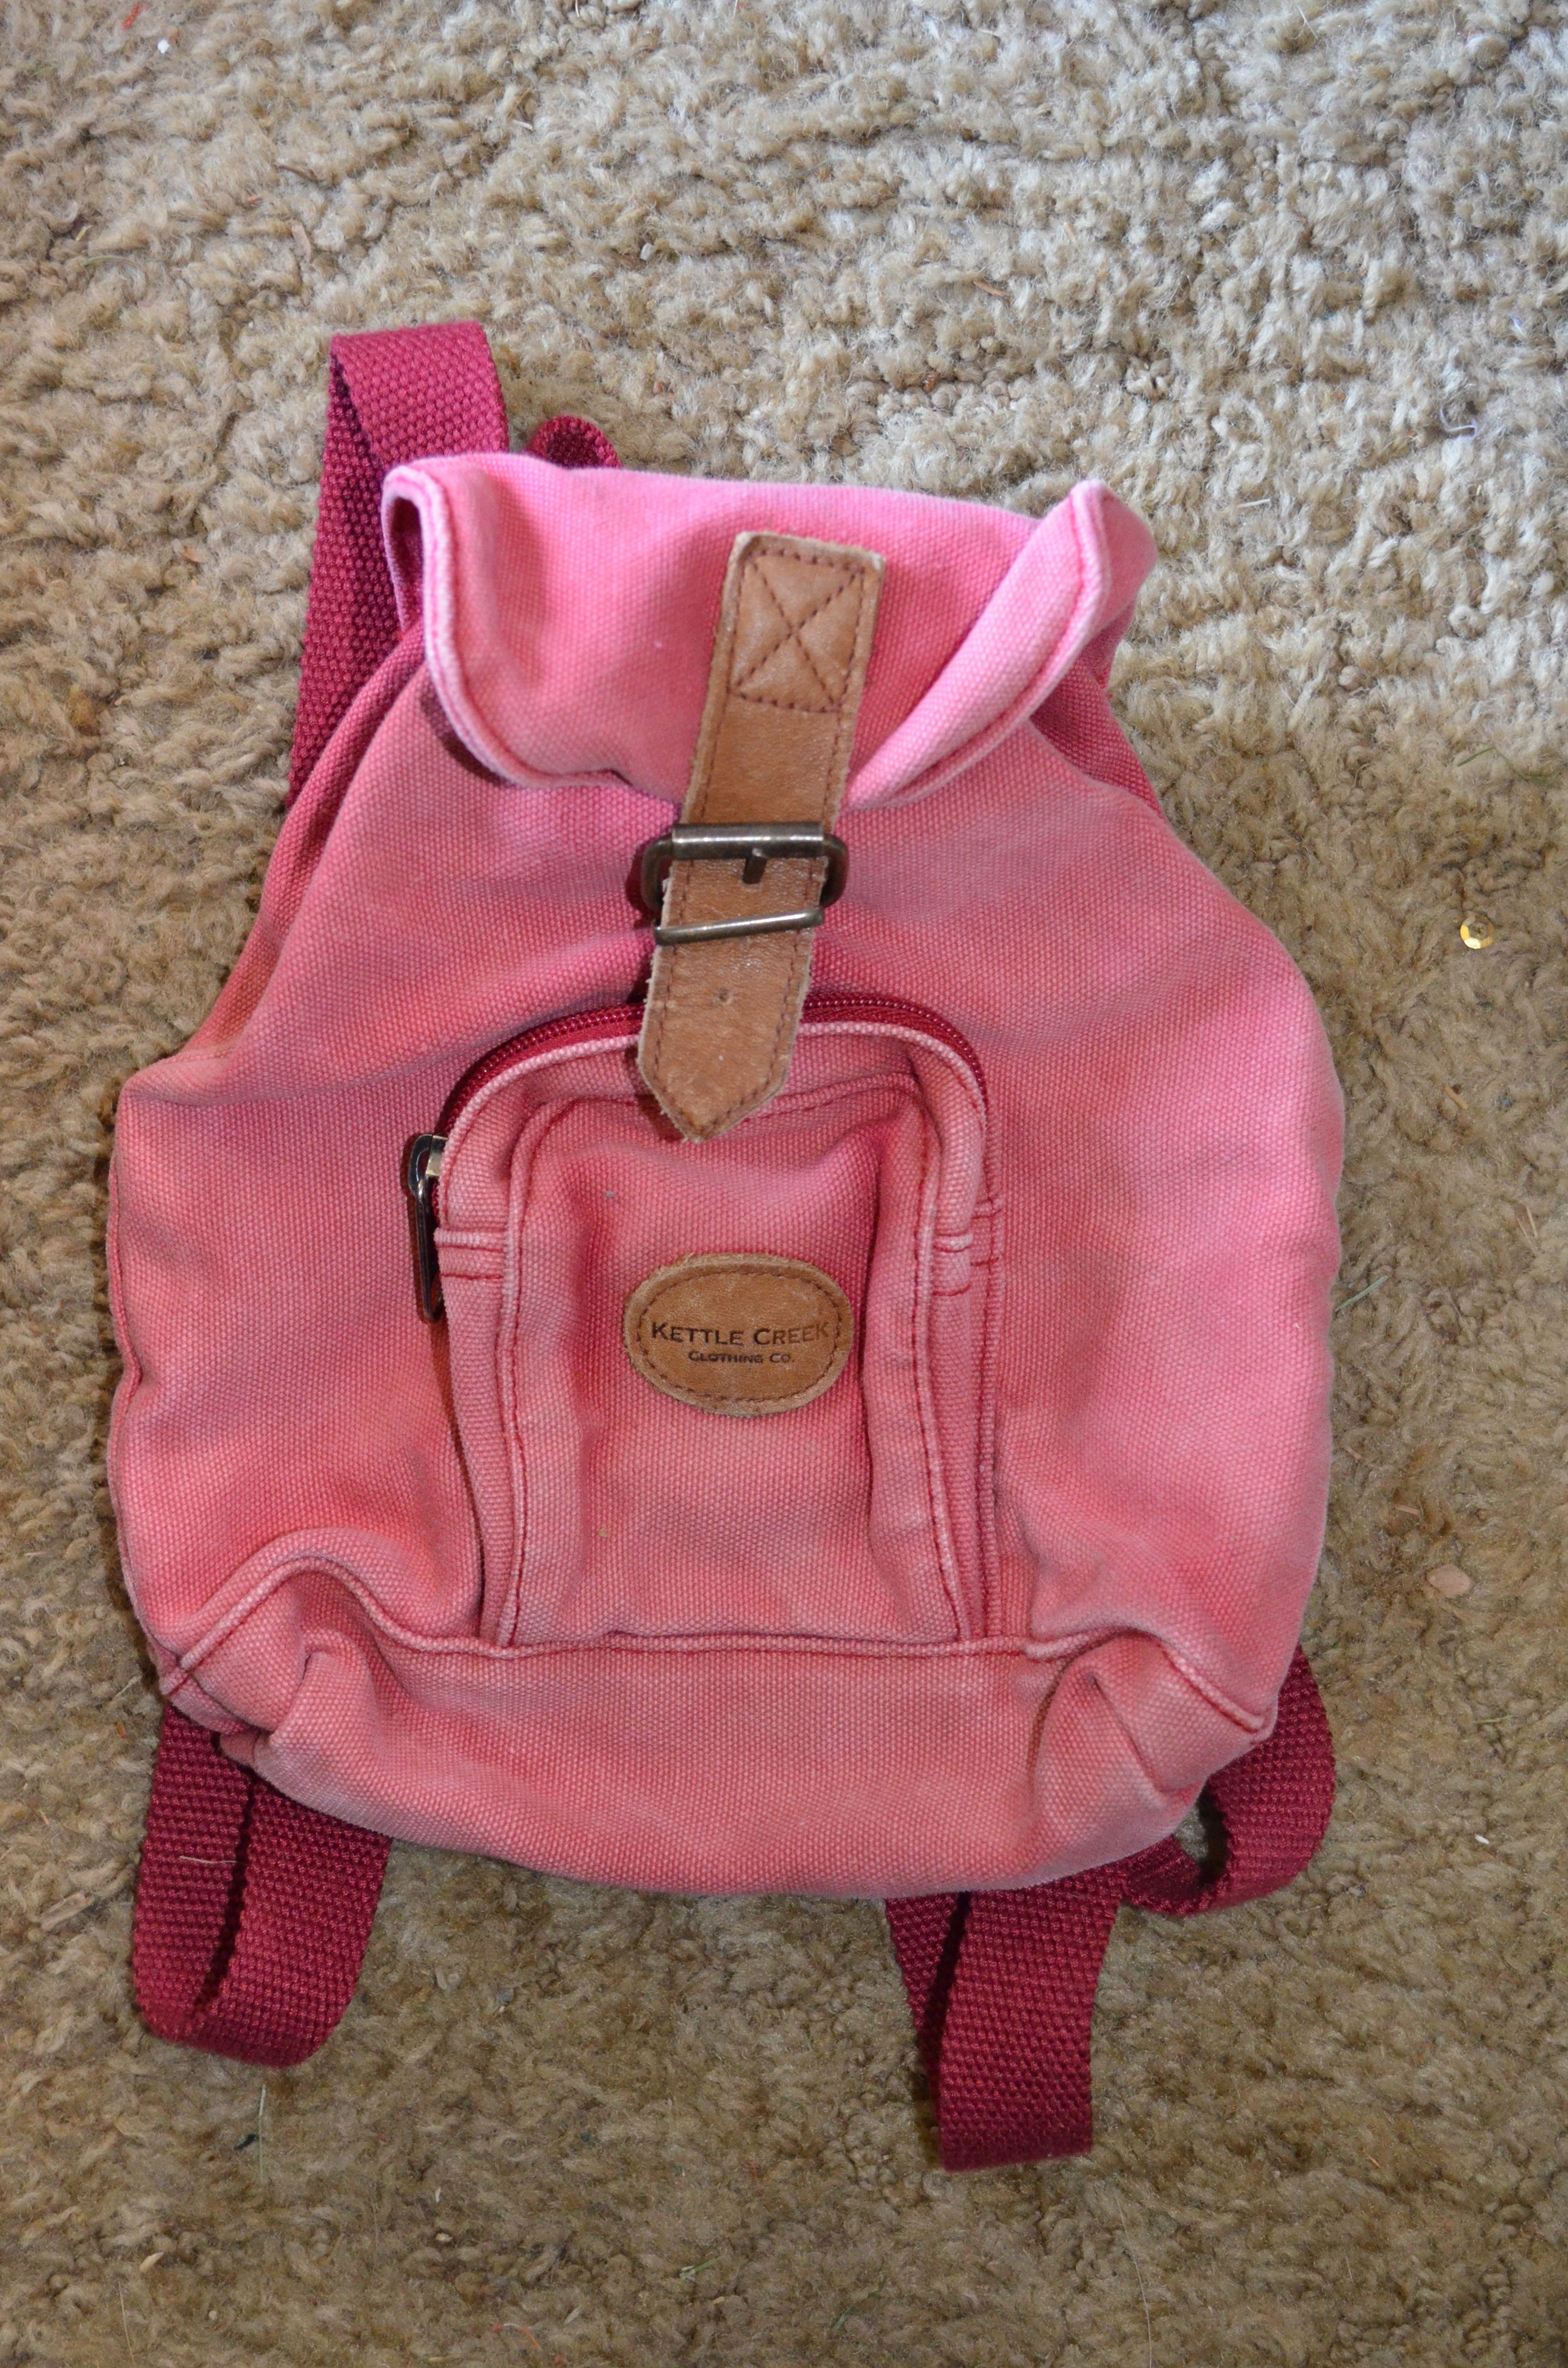 e762ec3aa Vintage Kettle Creek, mini backpack bag. $12 - Kettle Creek Canvas Co. -